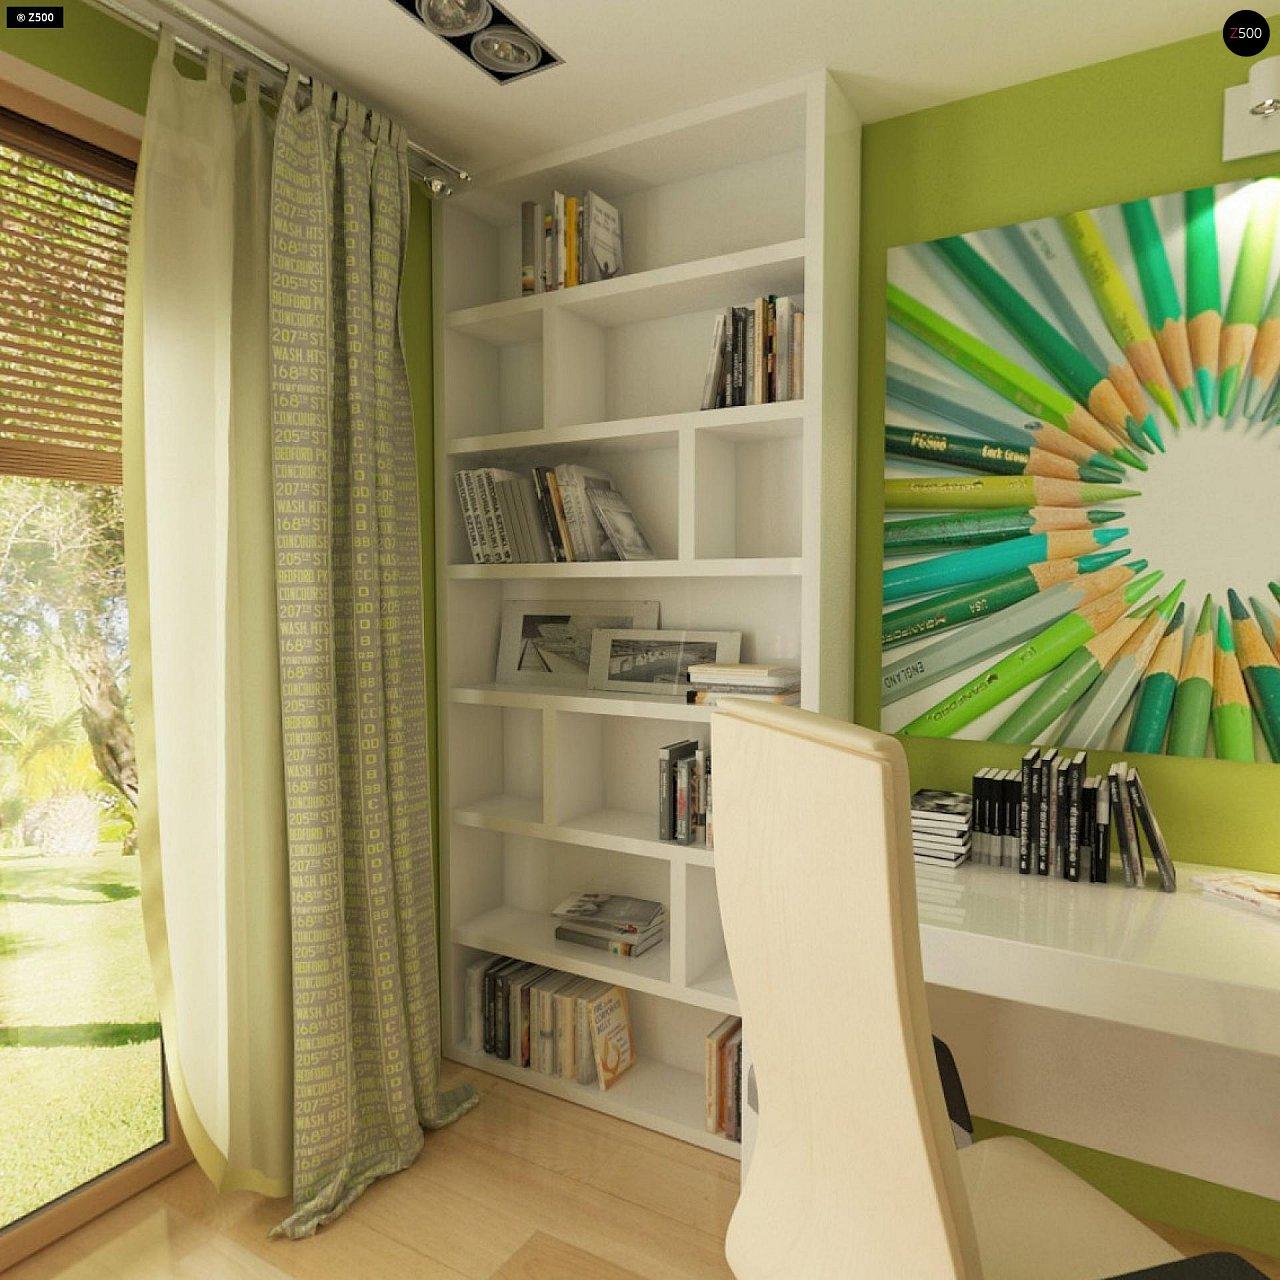 Прекрасное сочетание строгих минималистичных форм и уютного практичного интерьера. 15